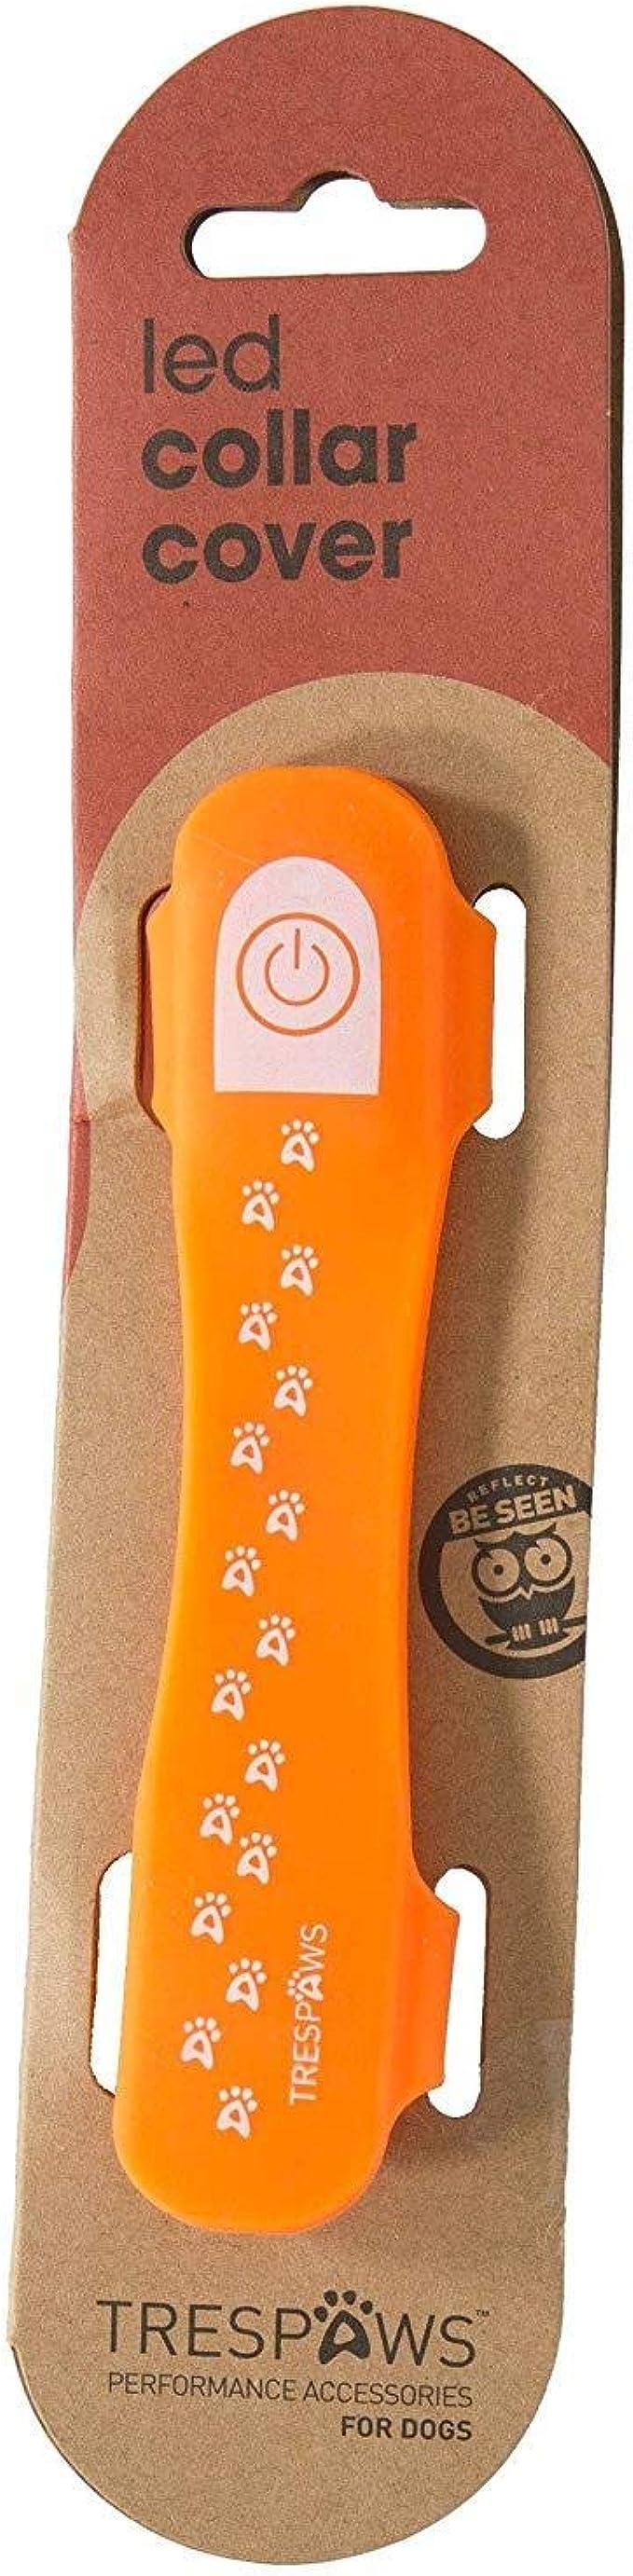 Trespass trespaws discoteca Perro Hi-Vis Repelente Al Agua Clip LED Collar de perro